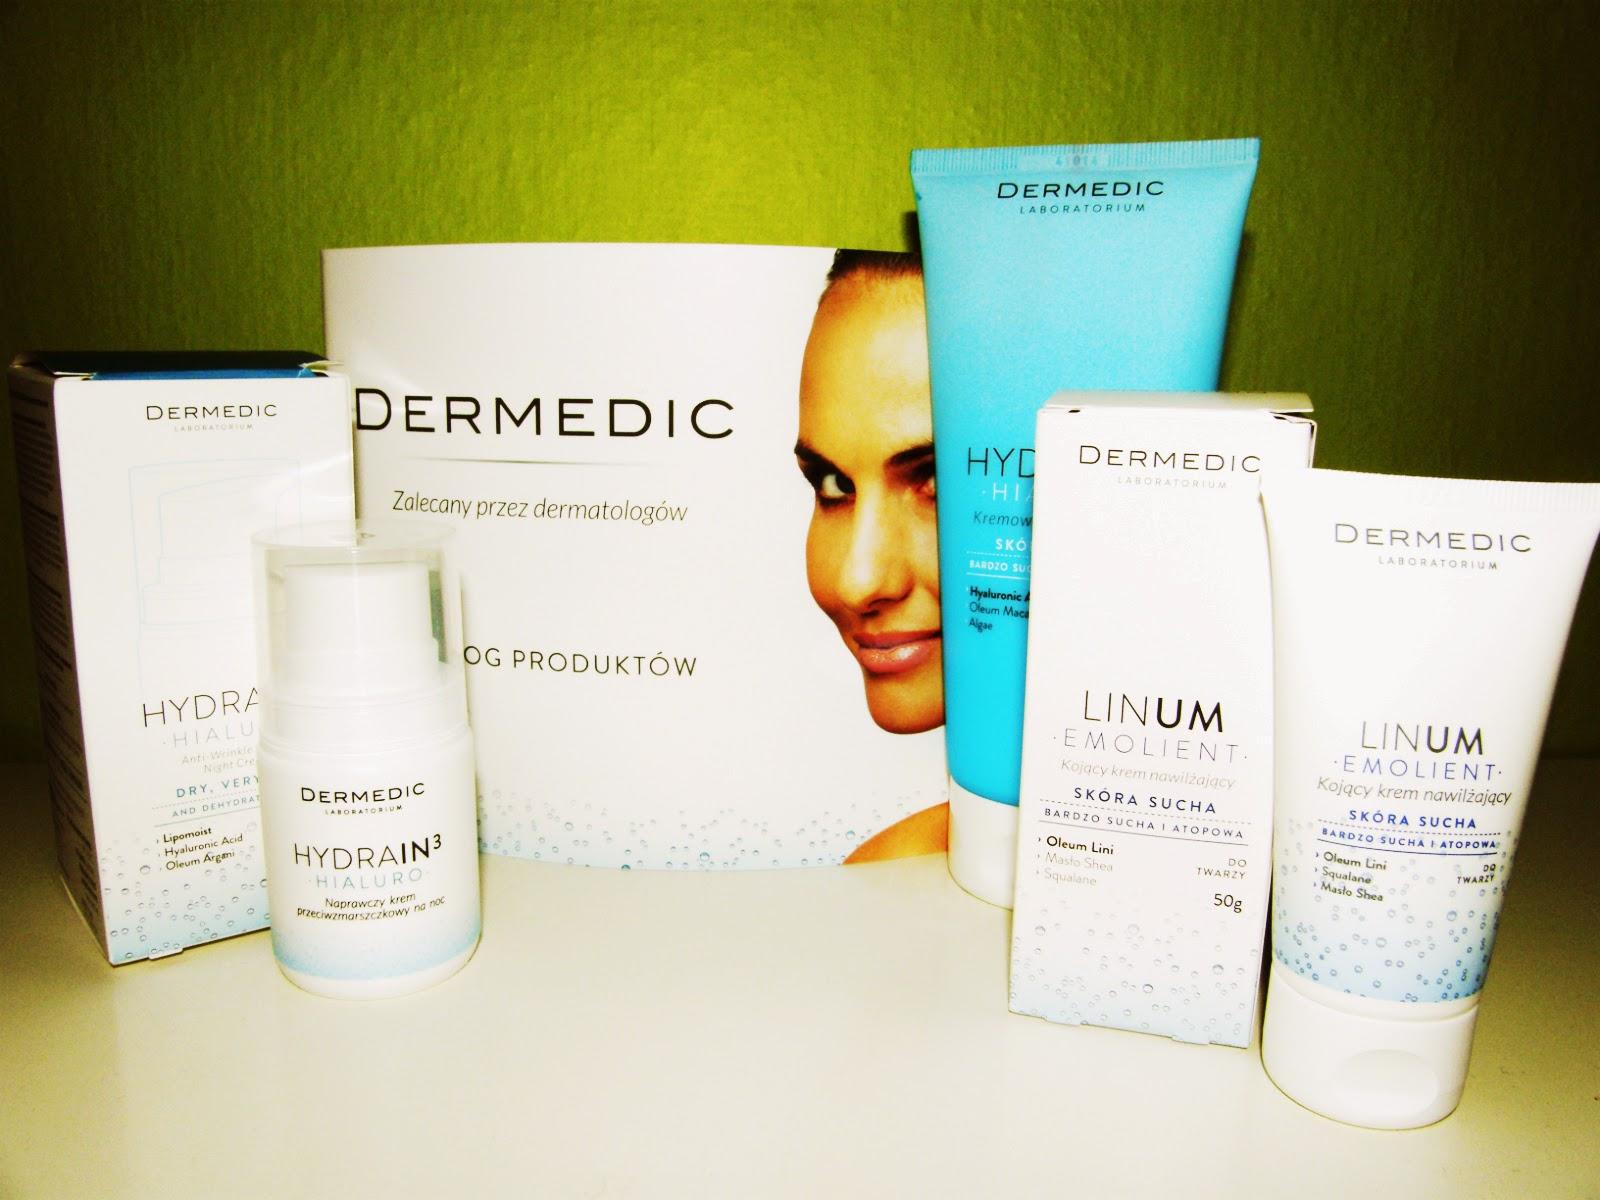 Kosmetyki DERMEDIC - sucha skóra to już przeszłość